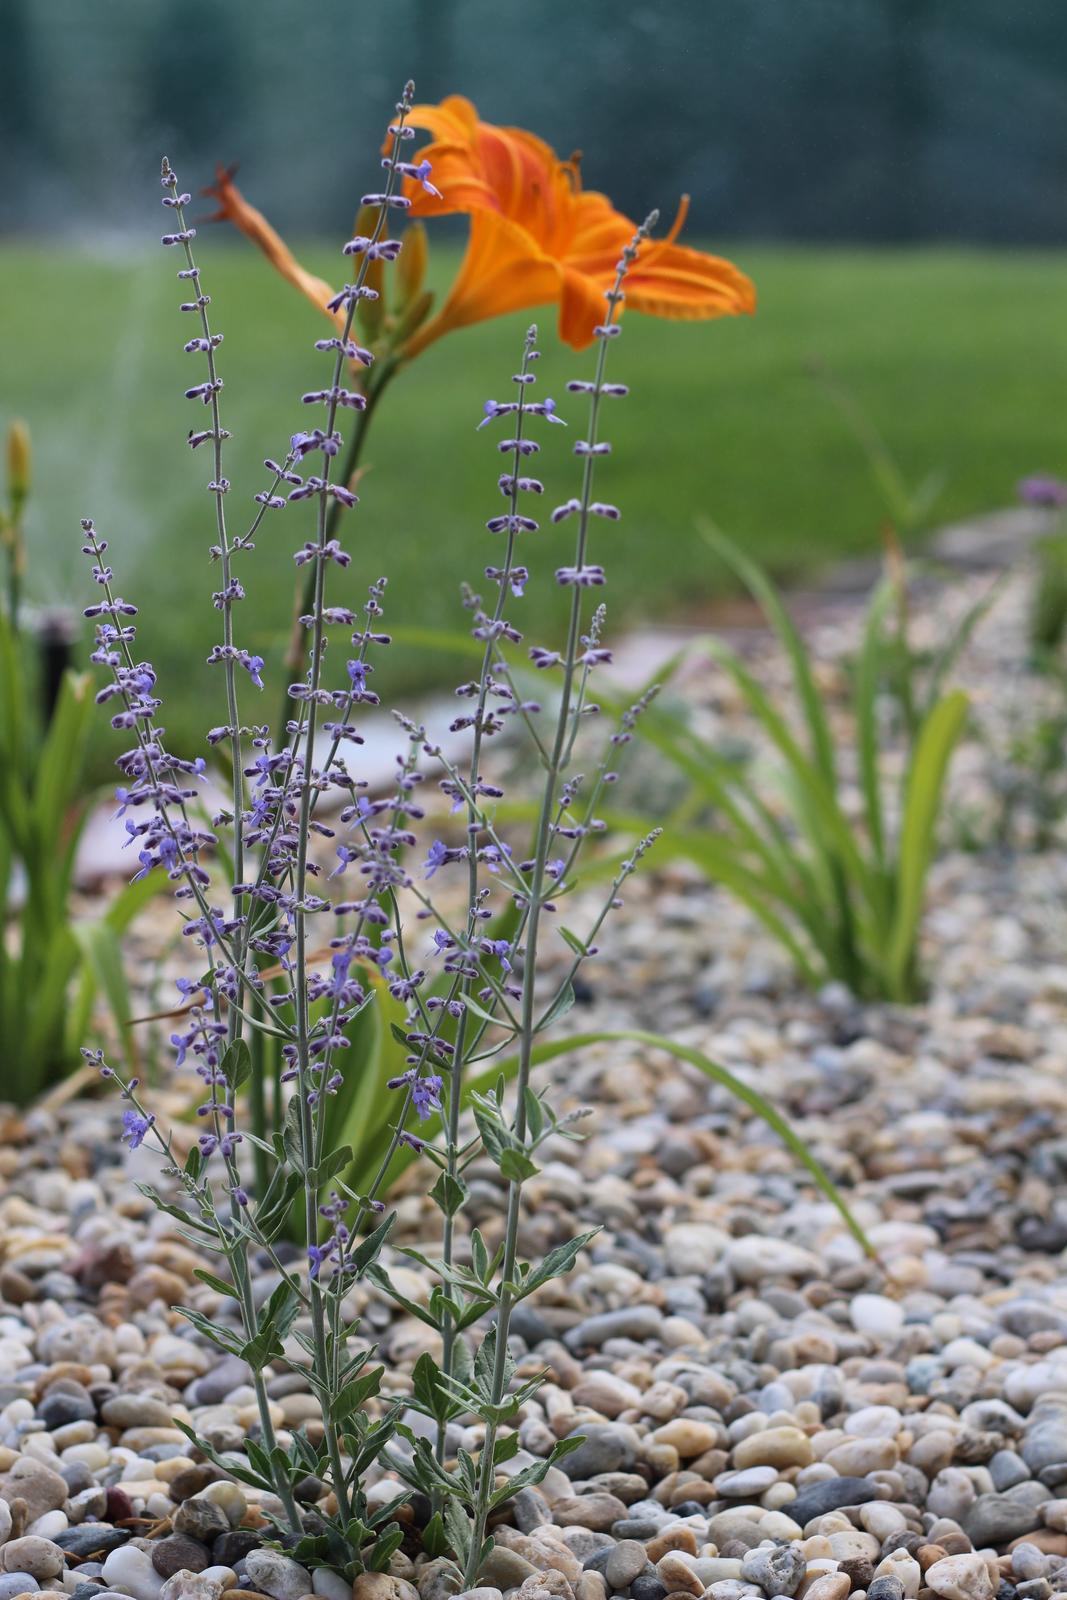 Exteriér - záhrada - Zakvitnuté krásavice